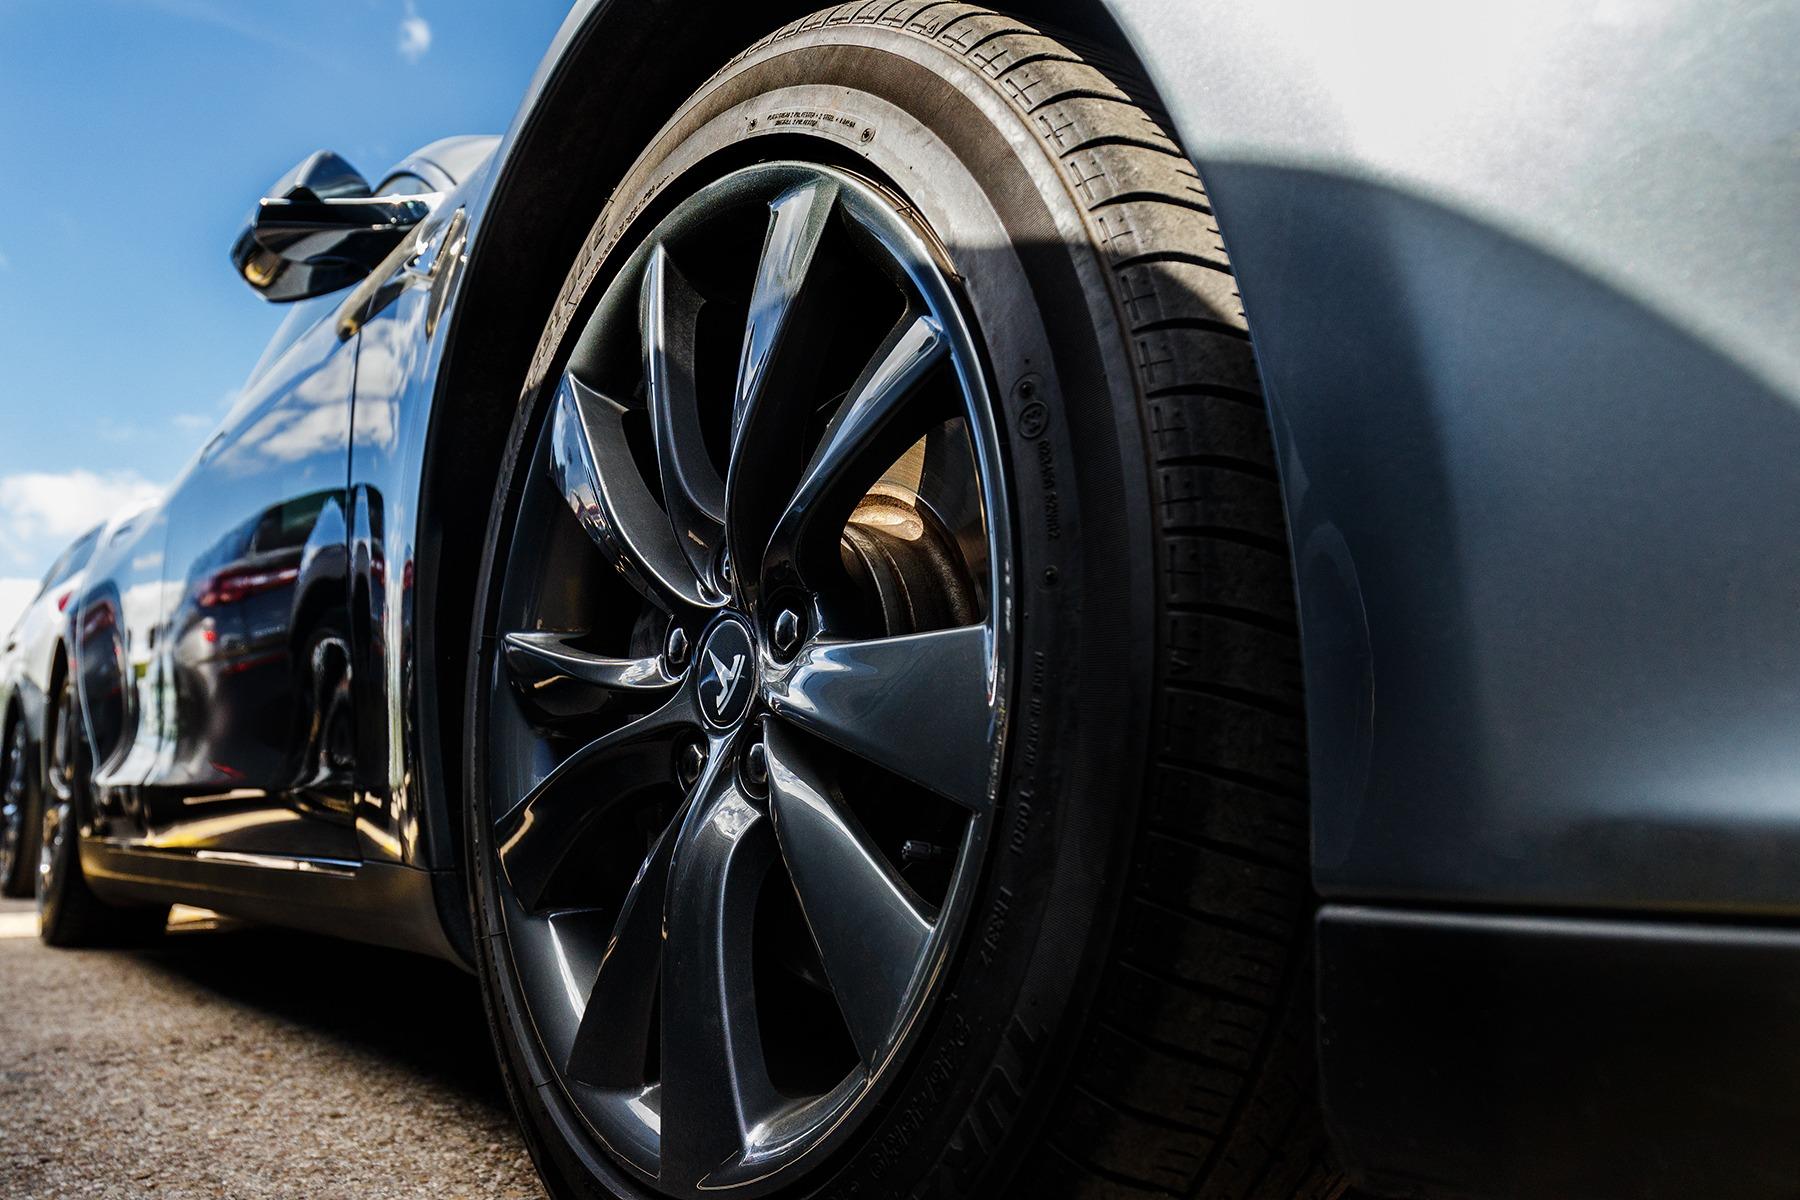 Guía de compra coches etiqueta Cero: ventajas, tipos, modelos y descuentos